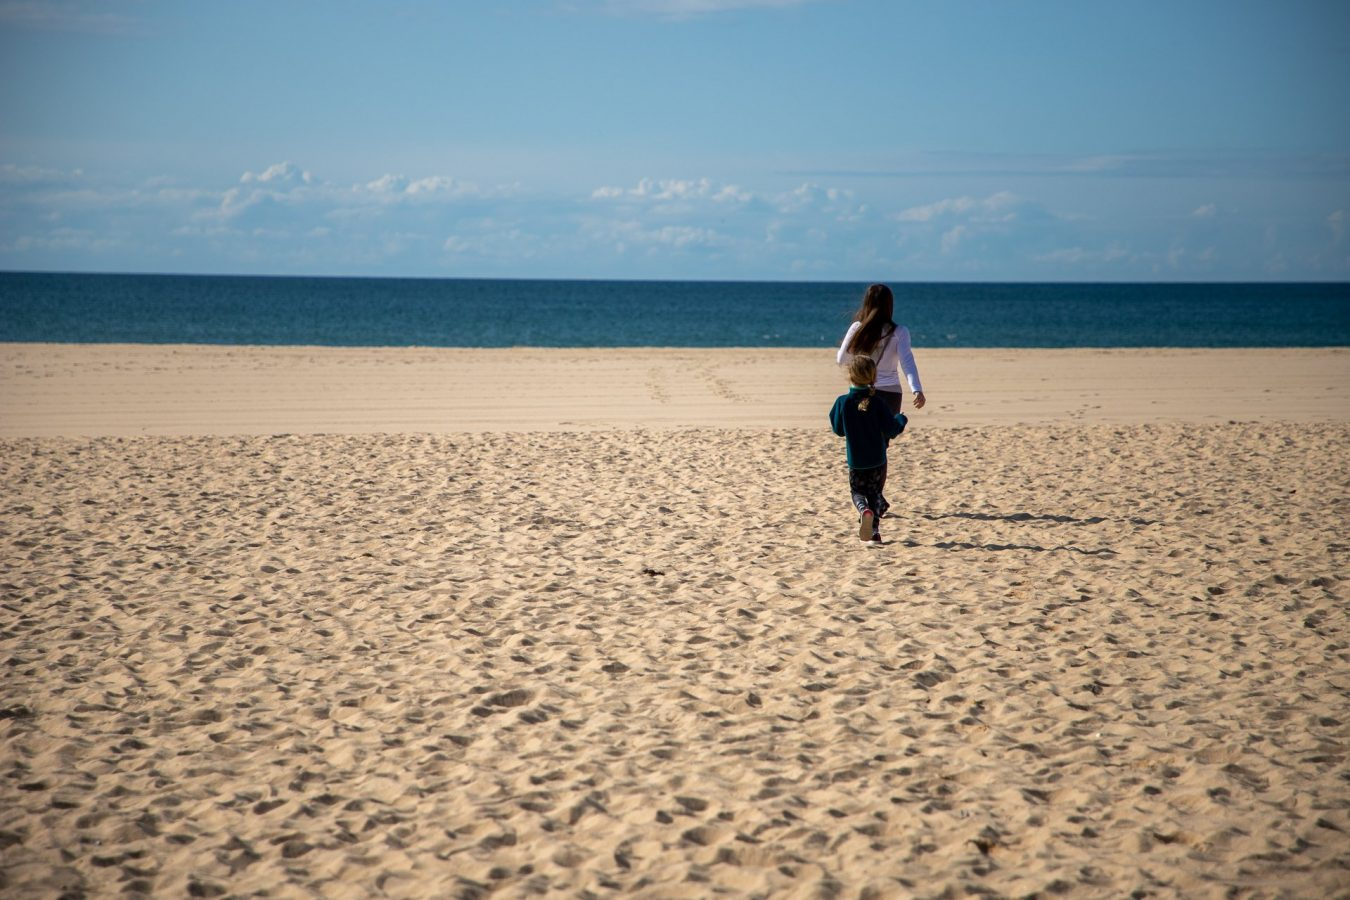 On the beach by Vilamoura